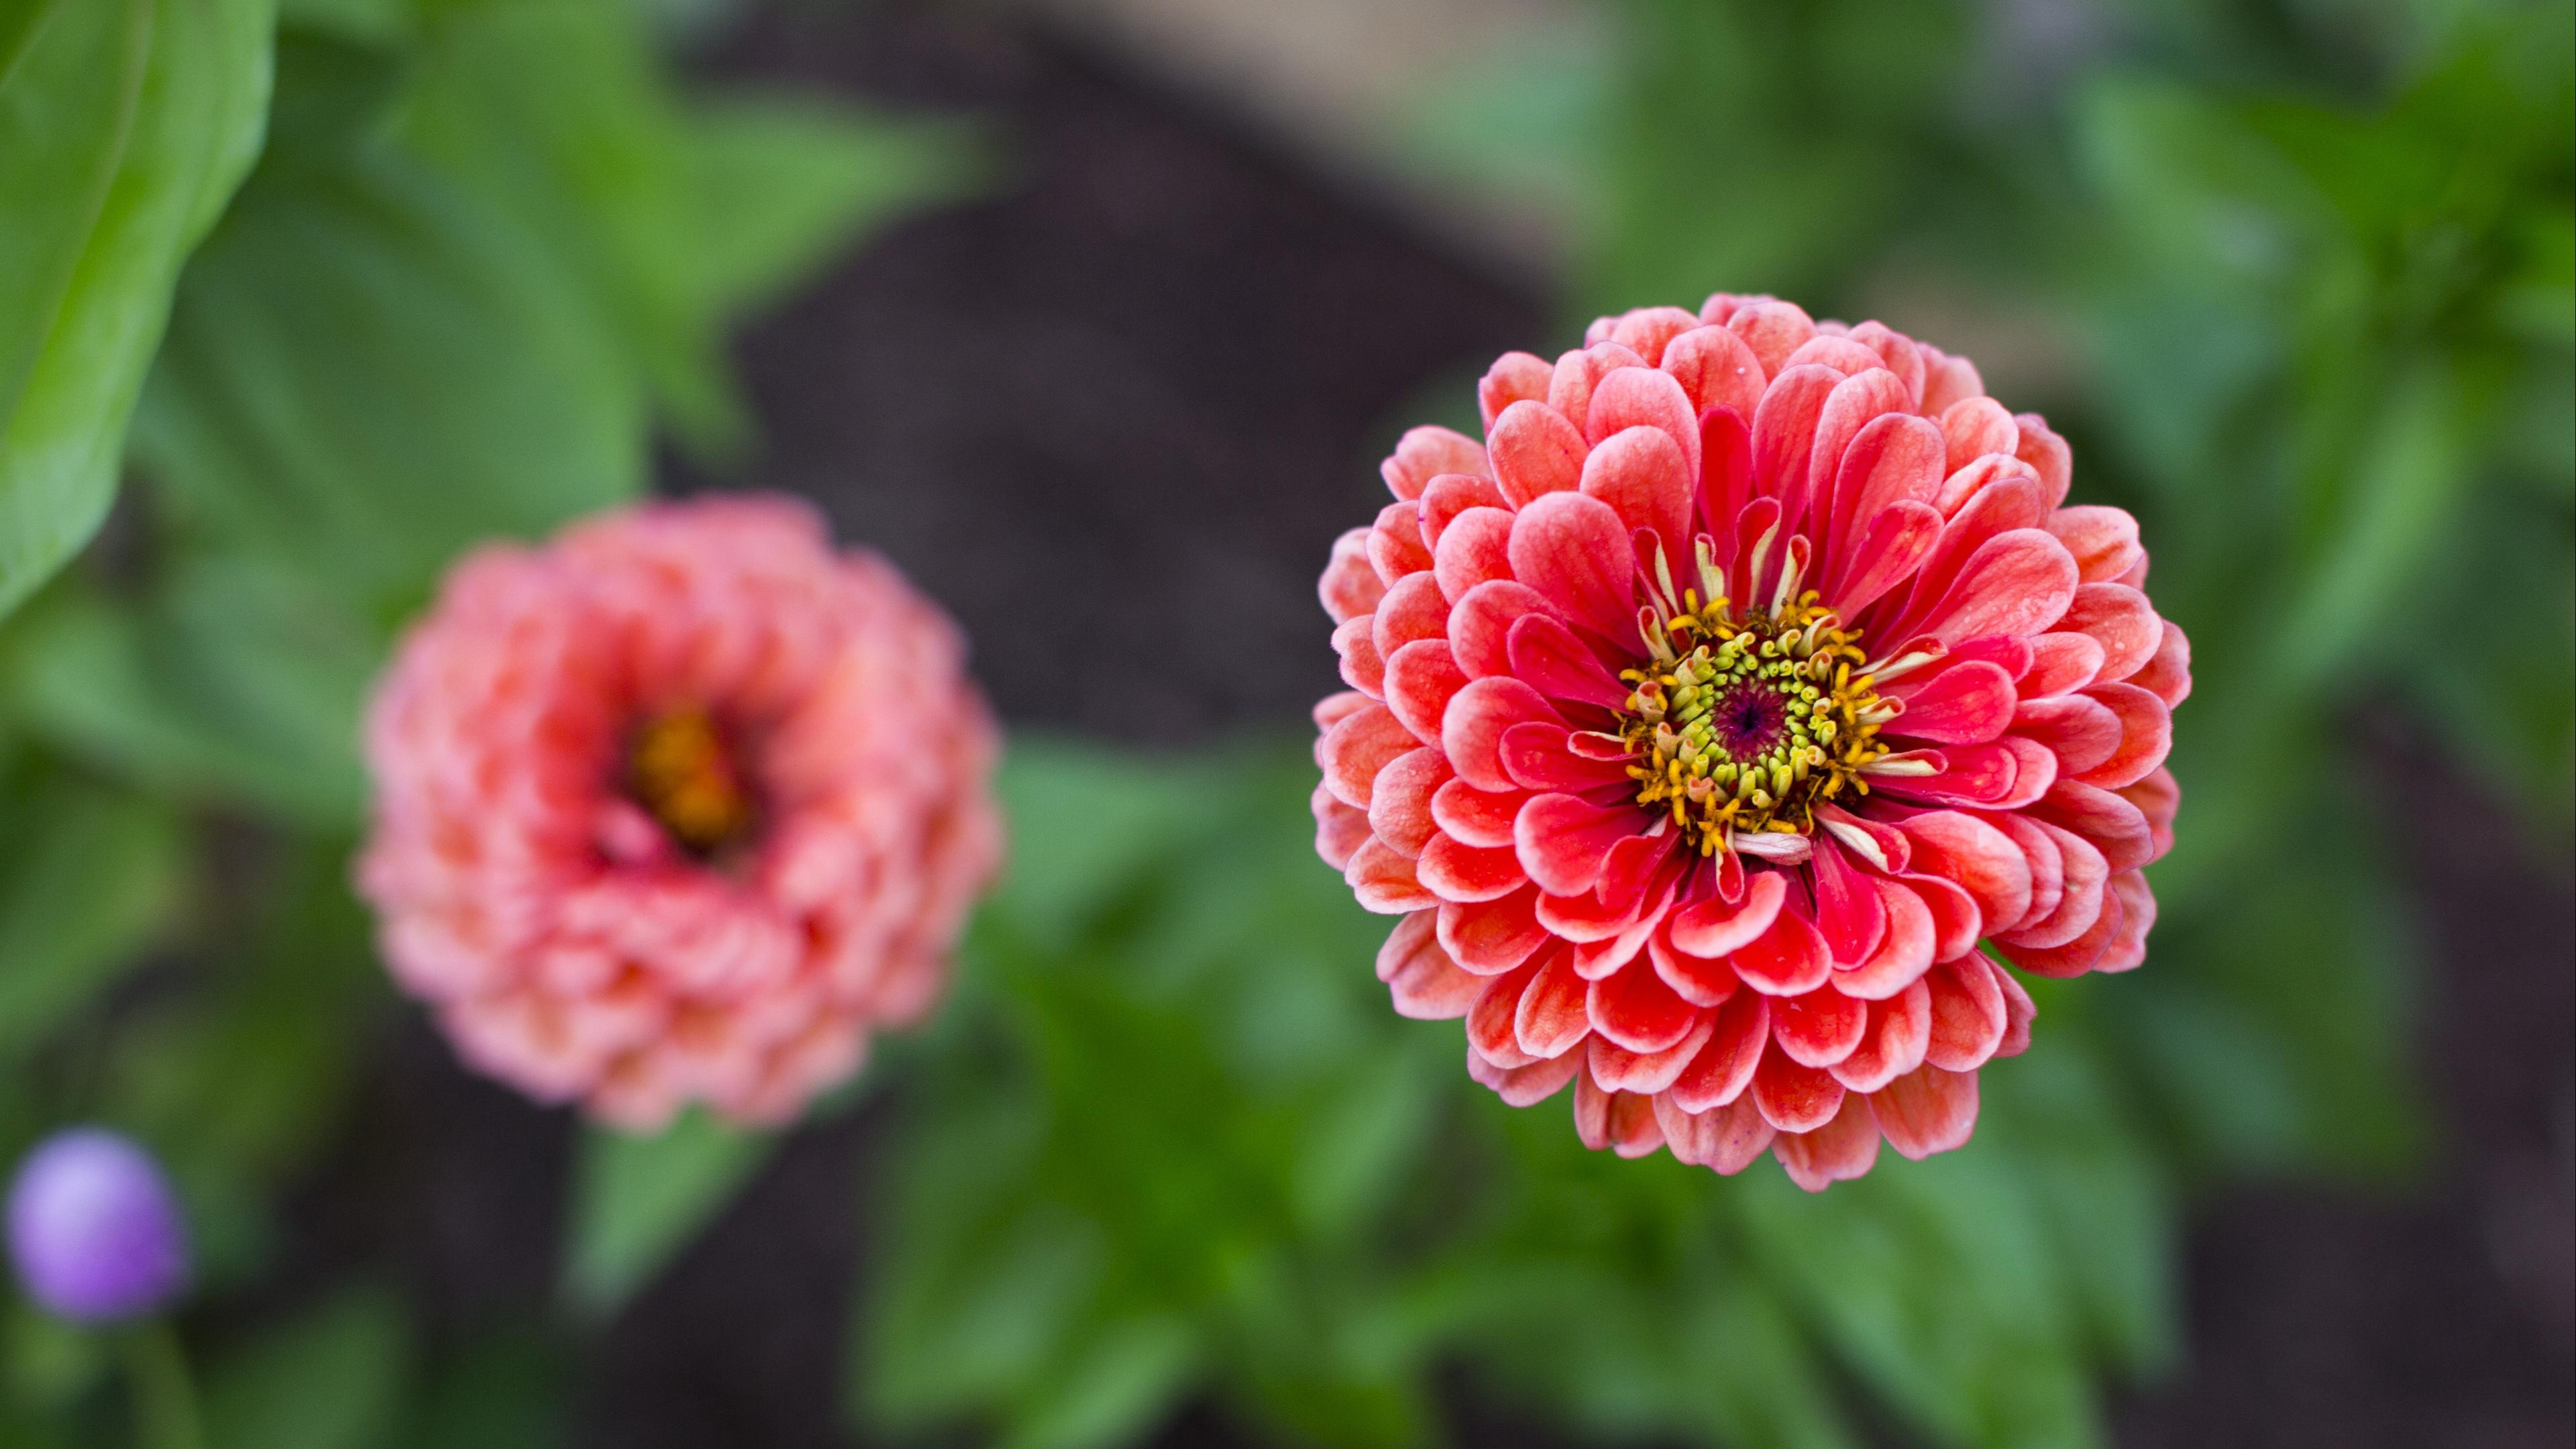 dahlias flower petals blur pink close up 4k 1540064403 - dahlias, flower, petals, blur, pink, close-up 4k - Petals, flower, dahlias